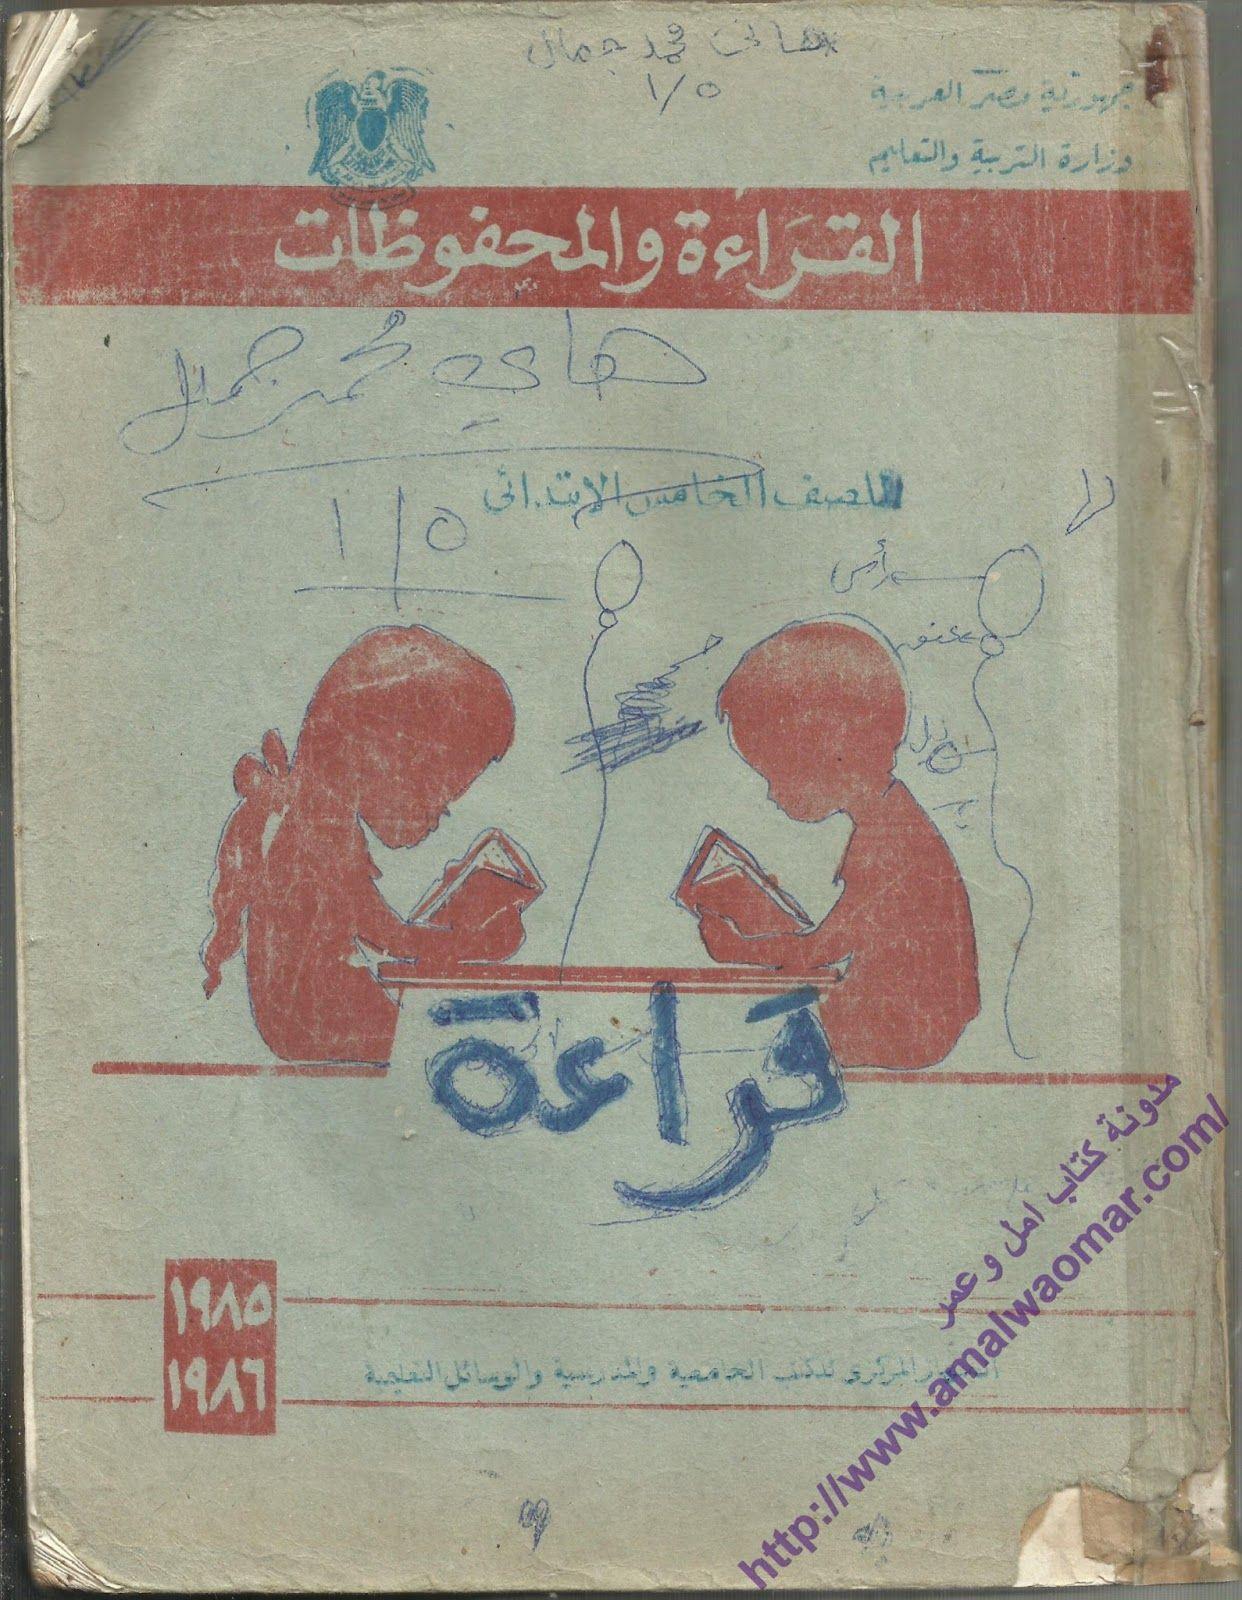 كتاب امل وعمر تحميل كتاب القراءة والمحفوظات للصف الخامس الابتدائ Books Books To Read Book Cover